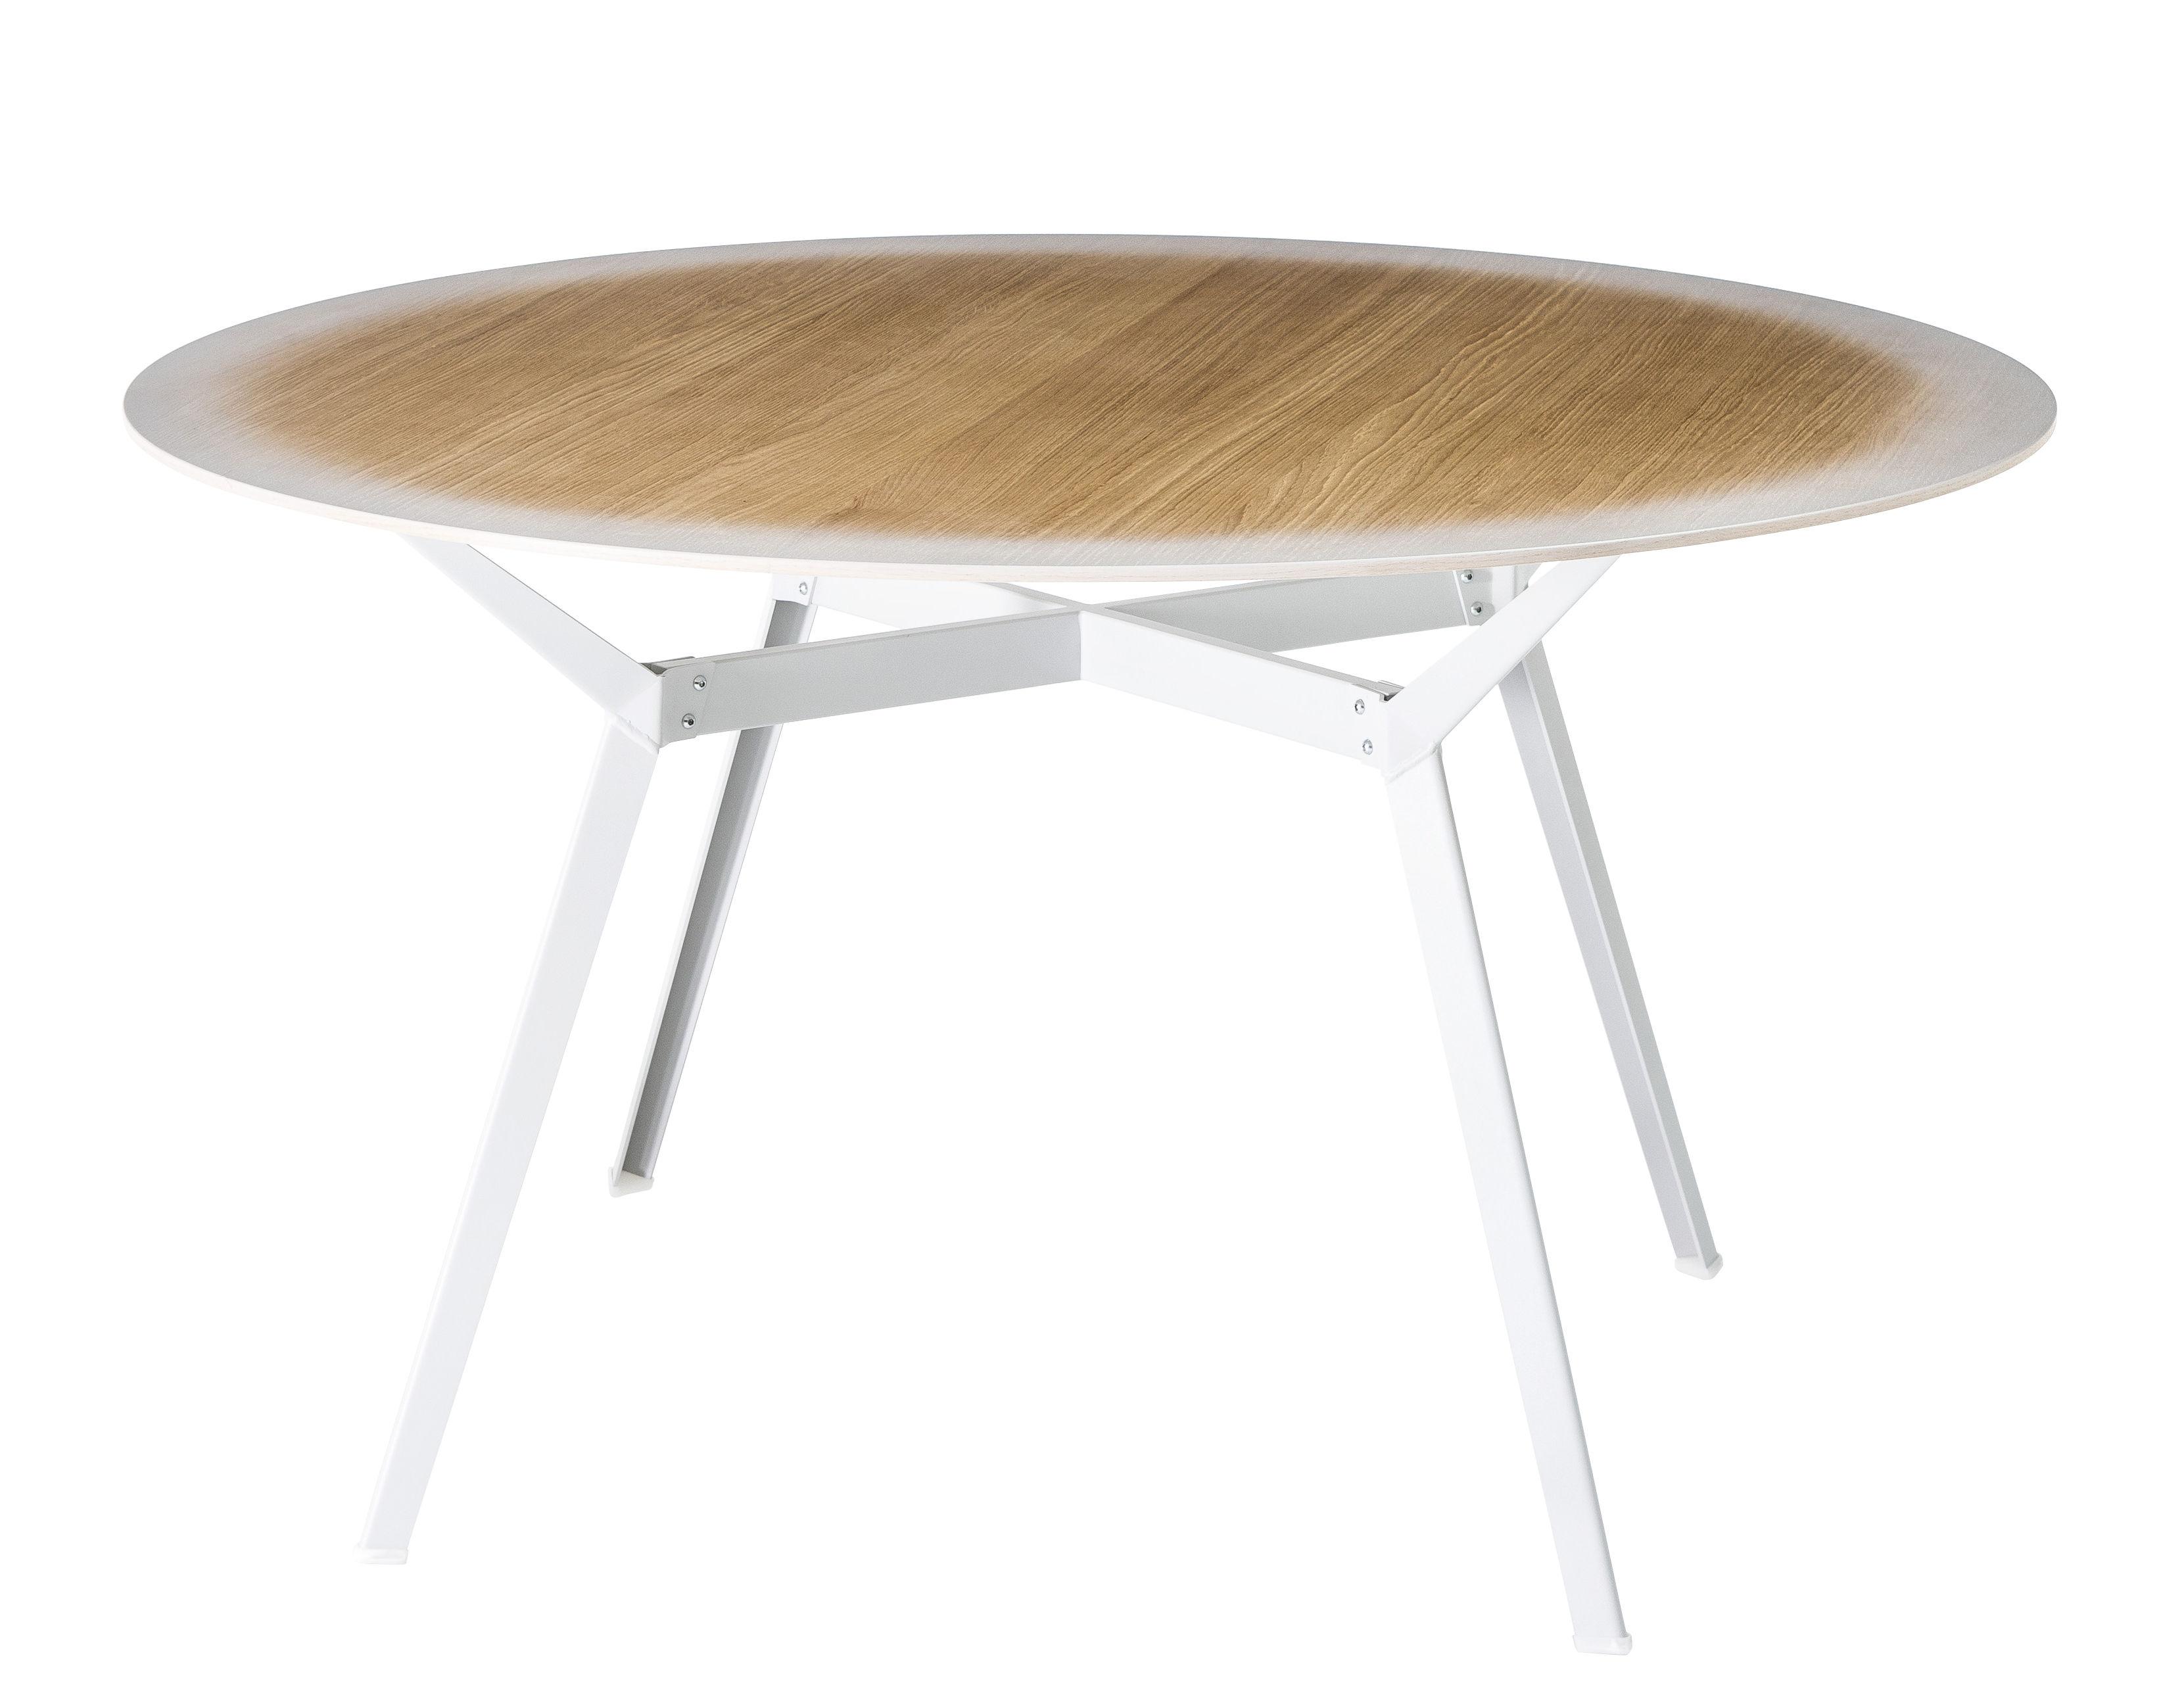 Arredamento - Tavoli - Tavolo rotondo Pylon Gradient - / Legno con sfumature bianche - Ø 130 cm di Diesel with Moroso - Rovere bordo bianco / Piede bianco - Acciaio laccato, Rovere